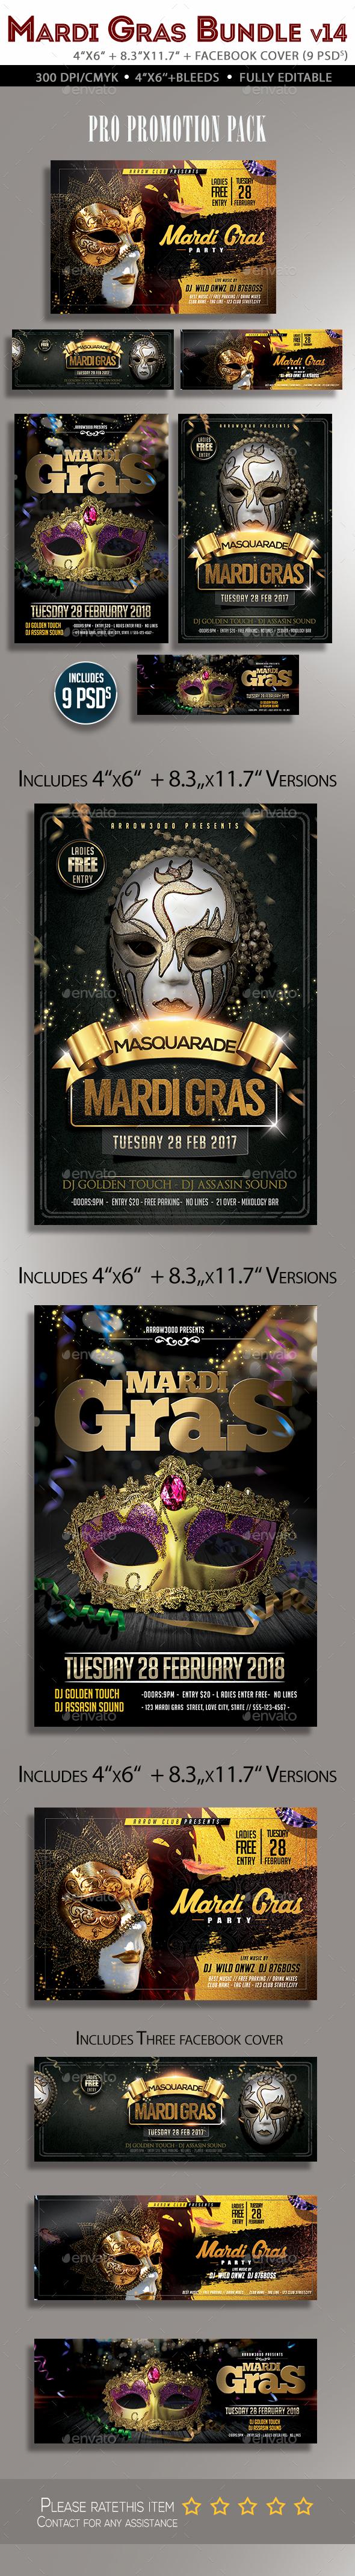 Mardi Gras Flyer Bundle V4 - Clubs & Parties Events